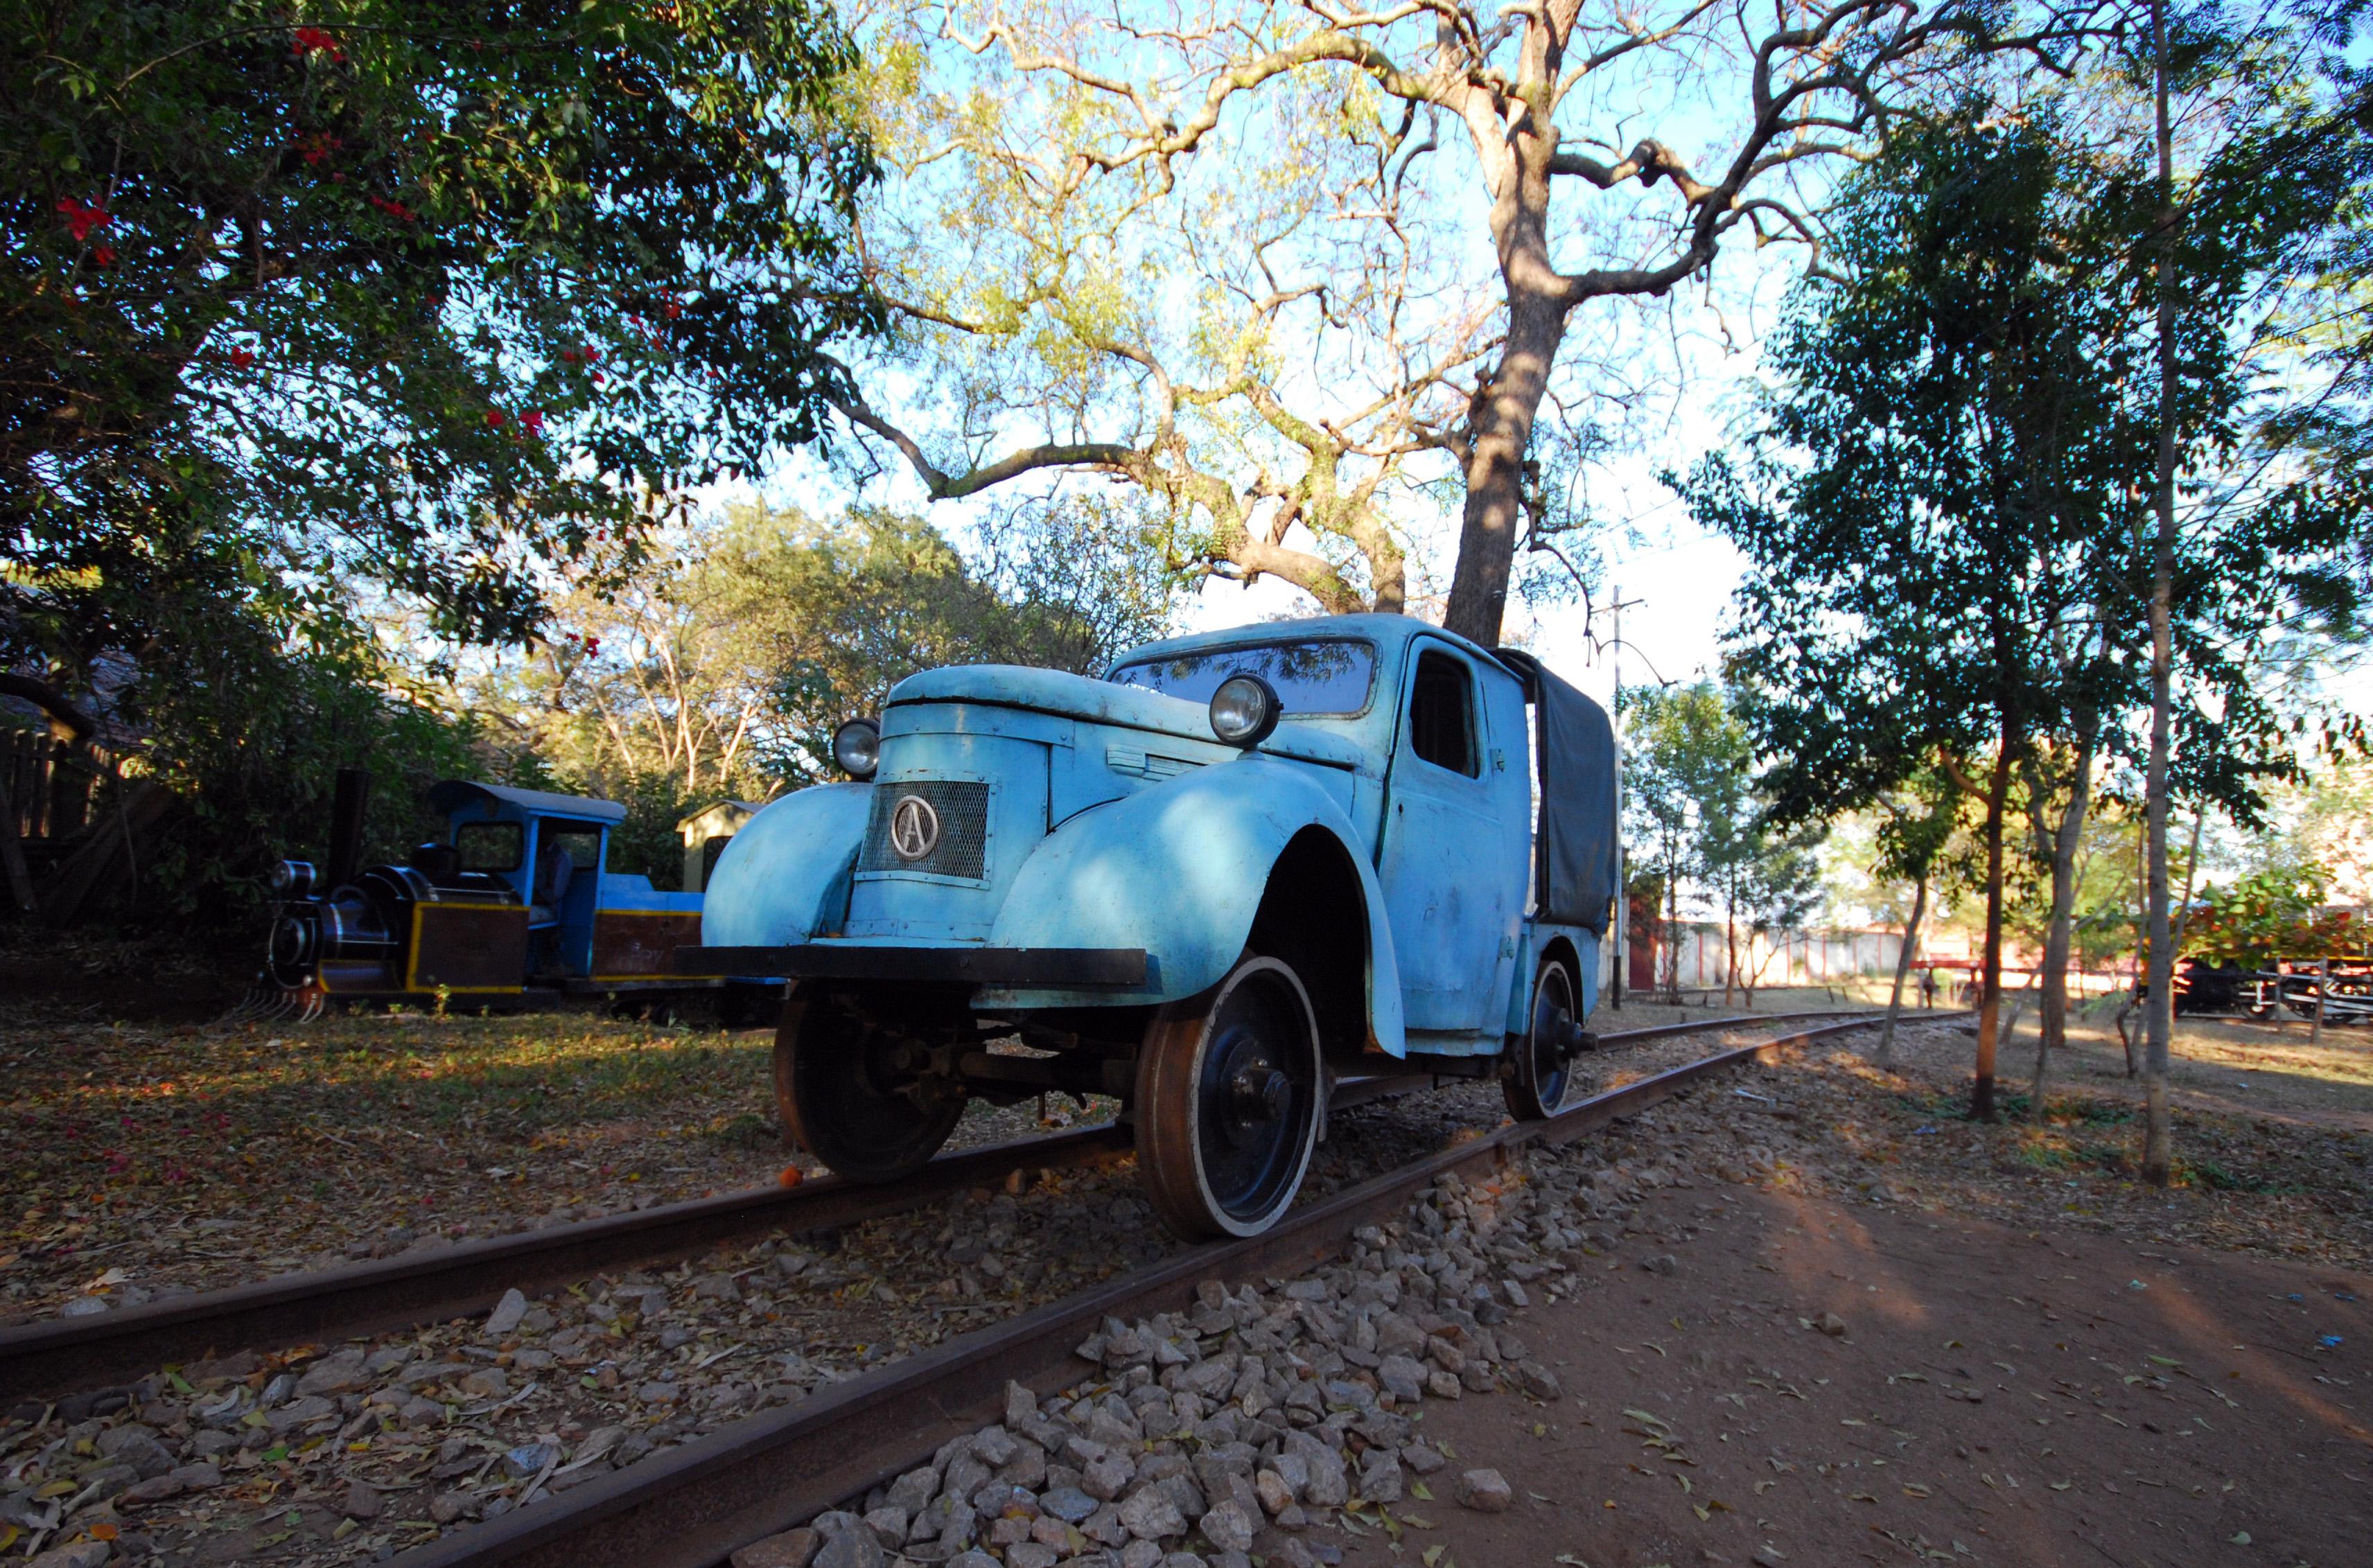 Mysore Railway museum